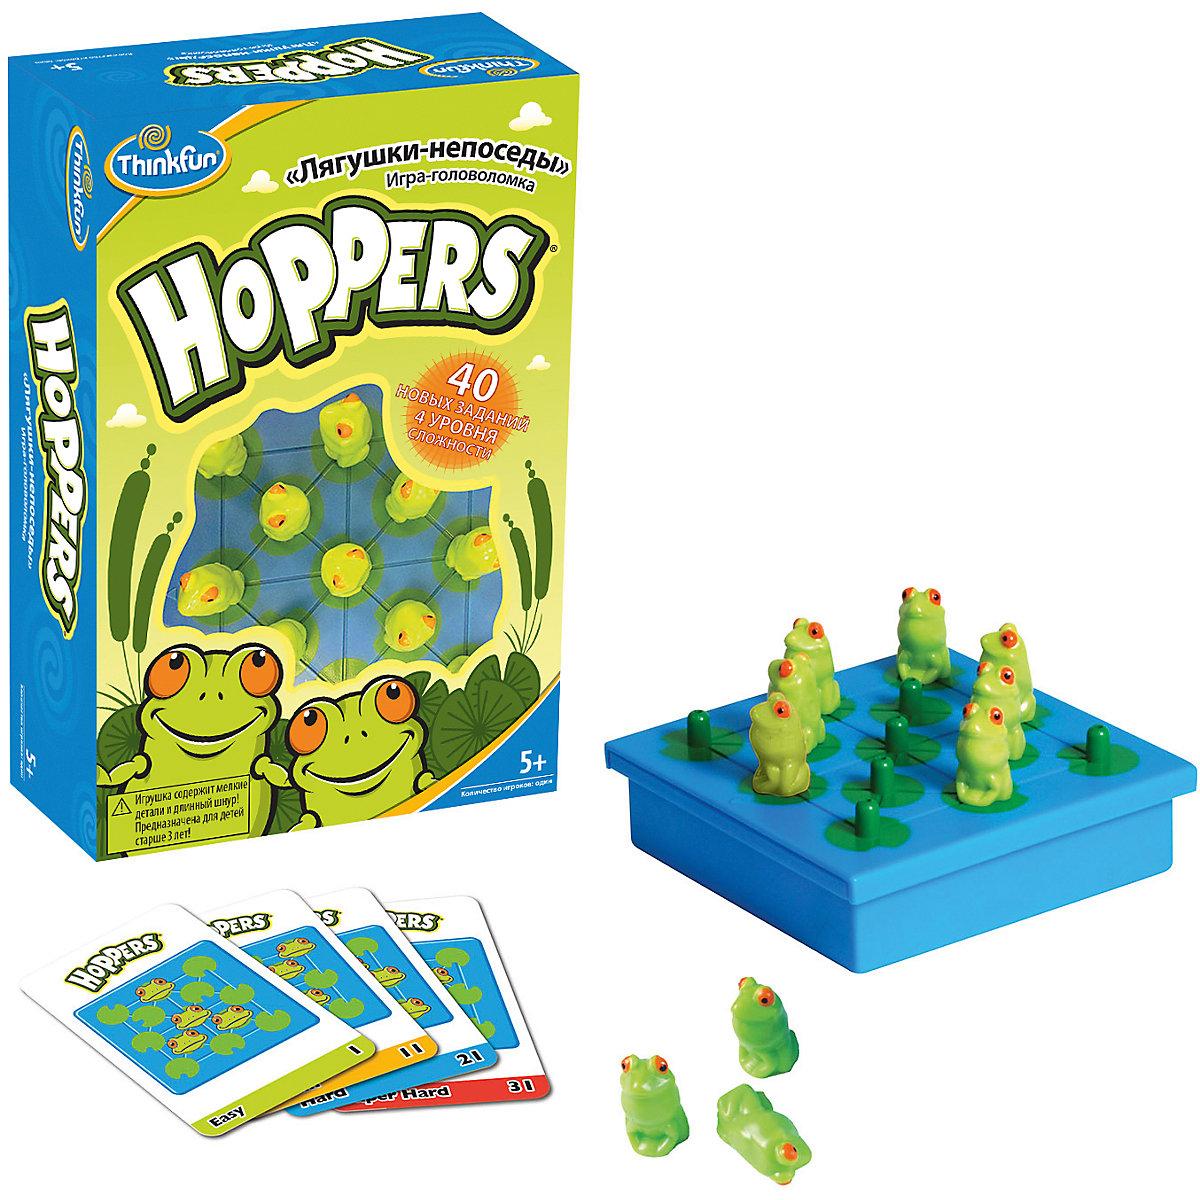 Головоломка-игра «Лягушки-непоседы Hoppers»Головоломки<br>Головоломка-игра «Лягушки-непоседы Hoppers»<br>